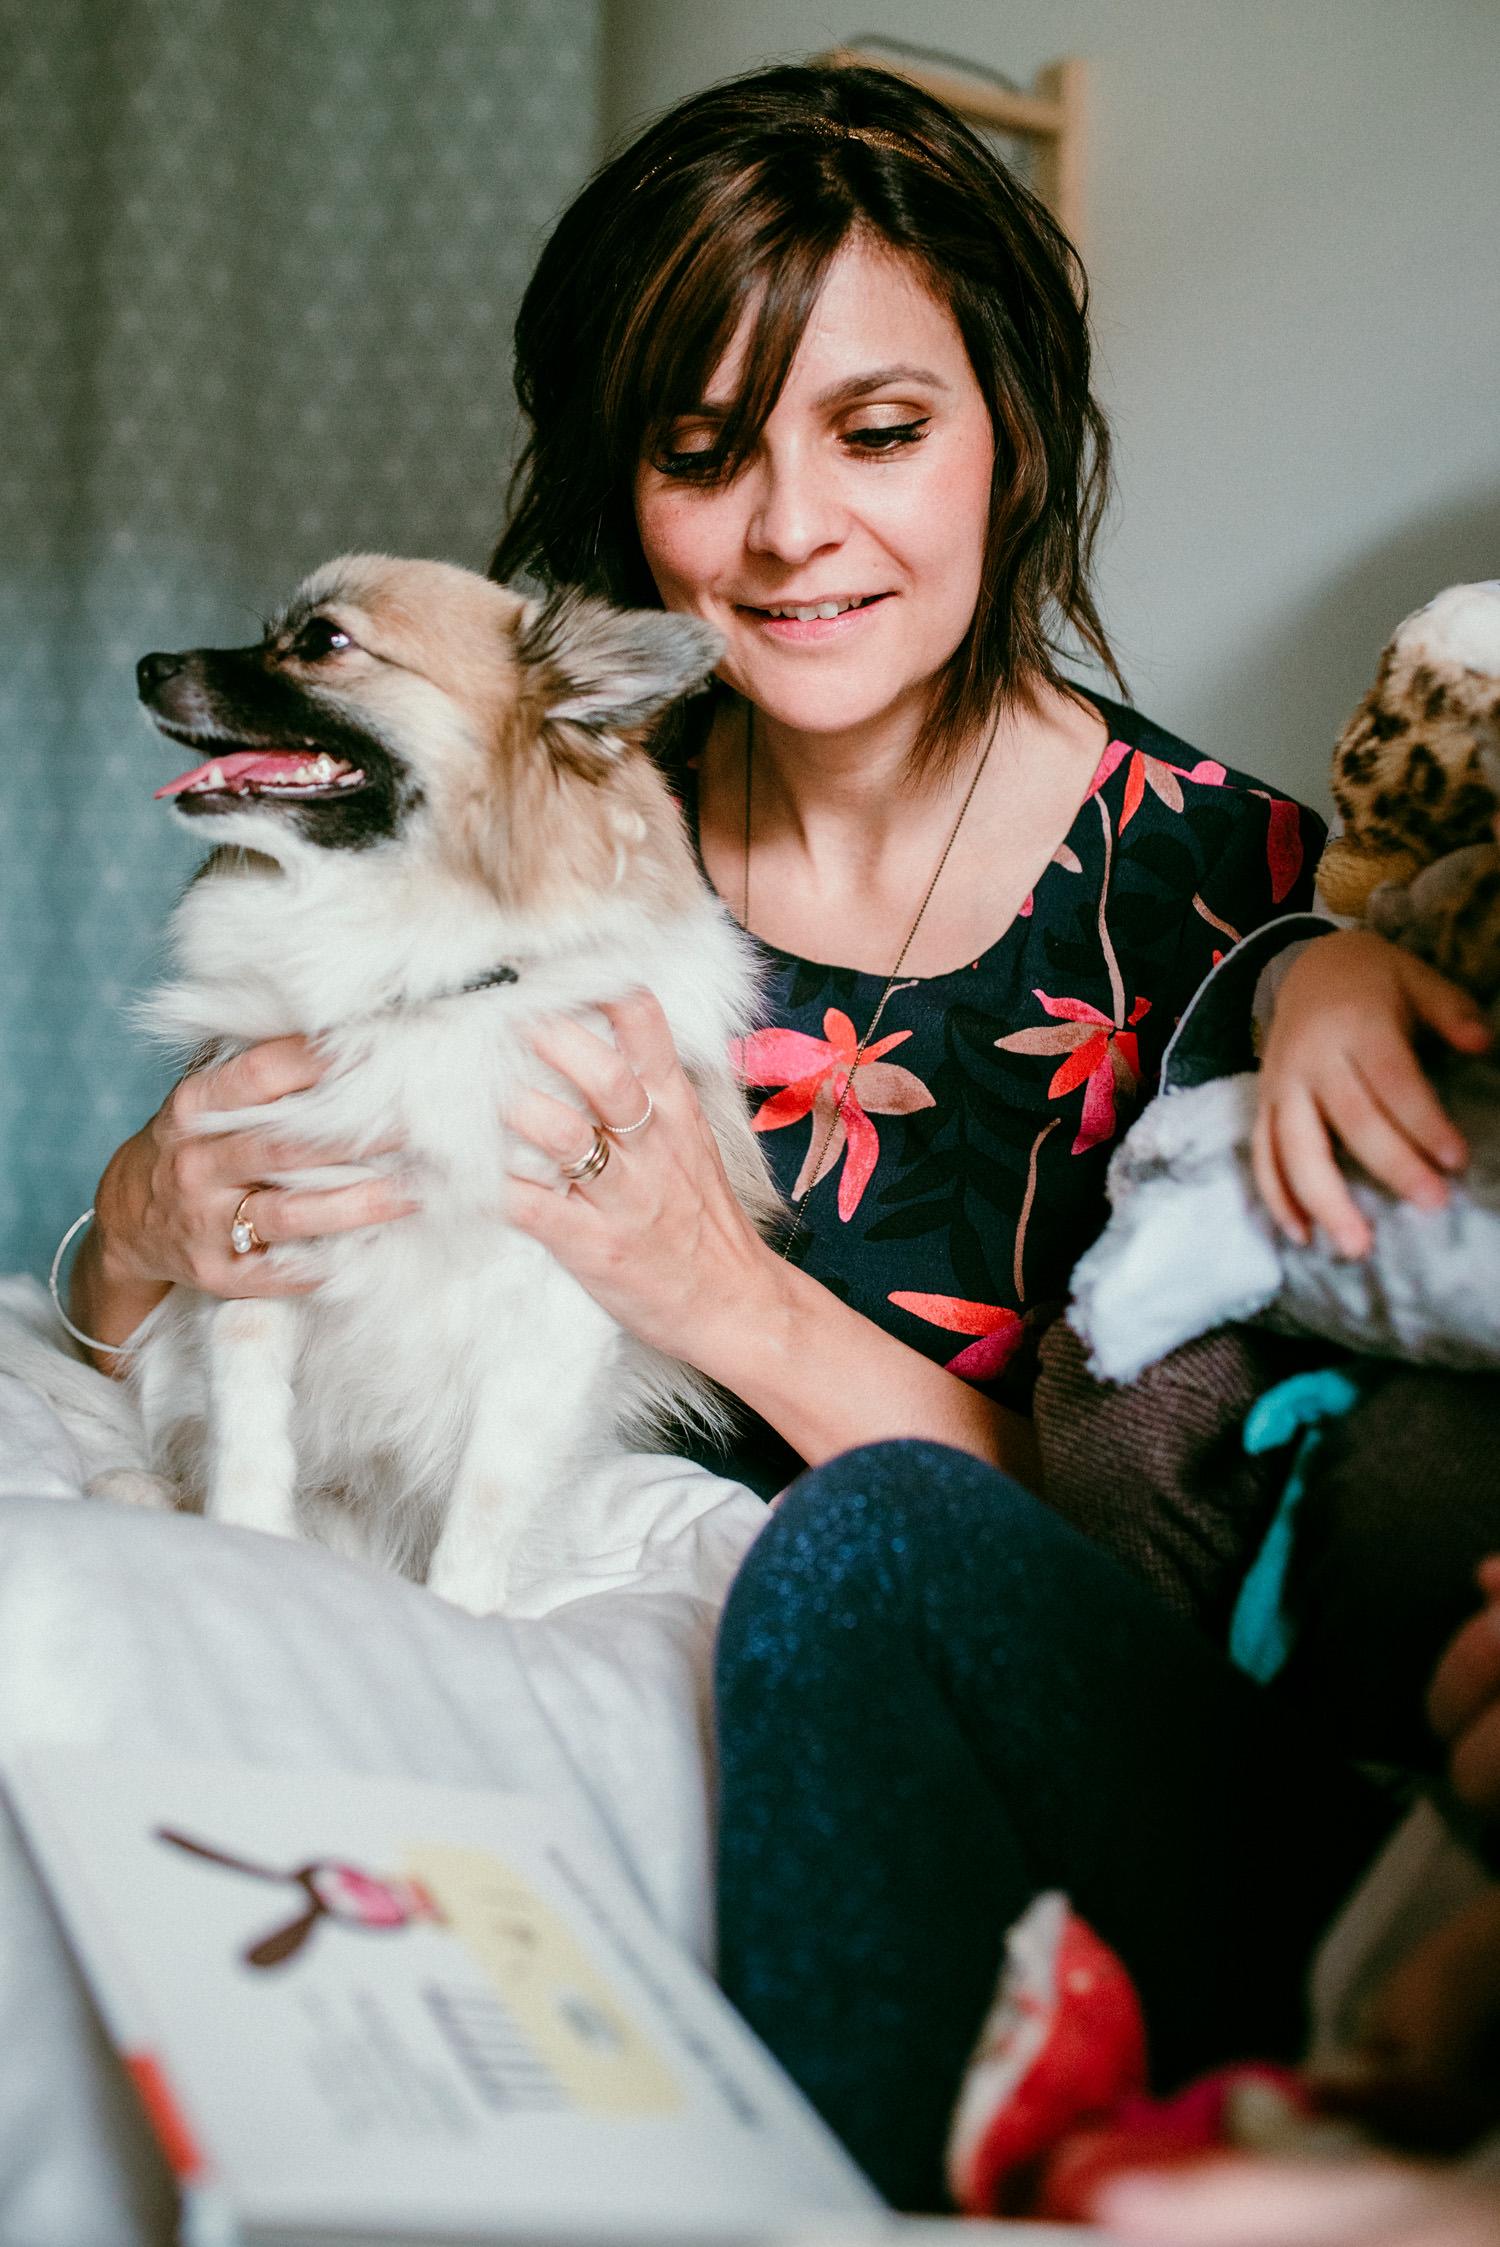 une femme sourit legerement en regardant un livre posé devant elle, elle a les mains autour de sont petit chien. On devine un enfant qui lit lors de cette seance famille lifestyle a domicile